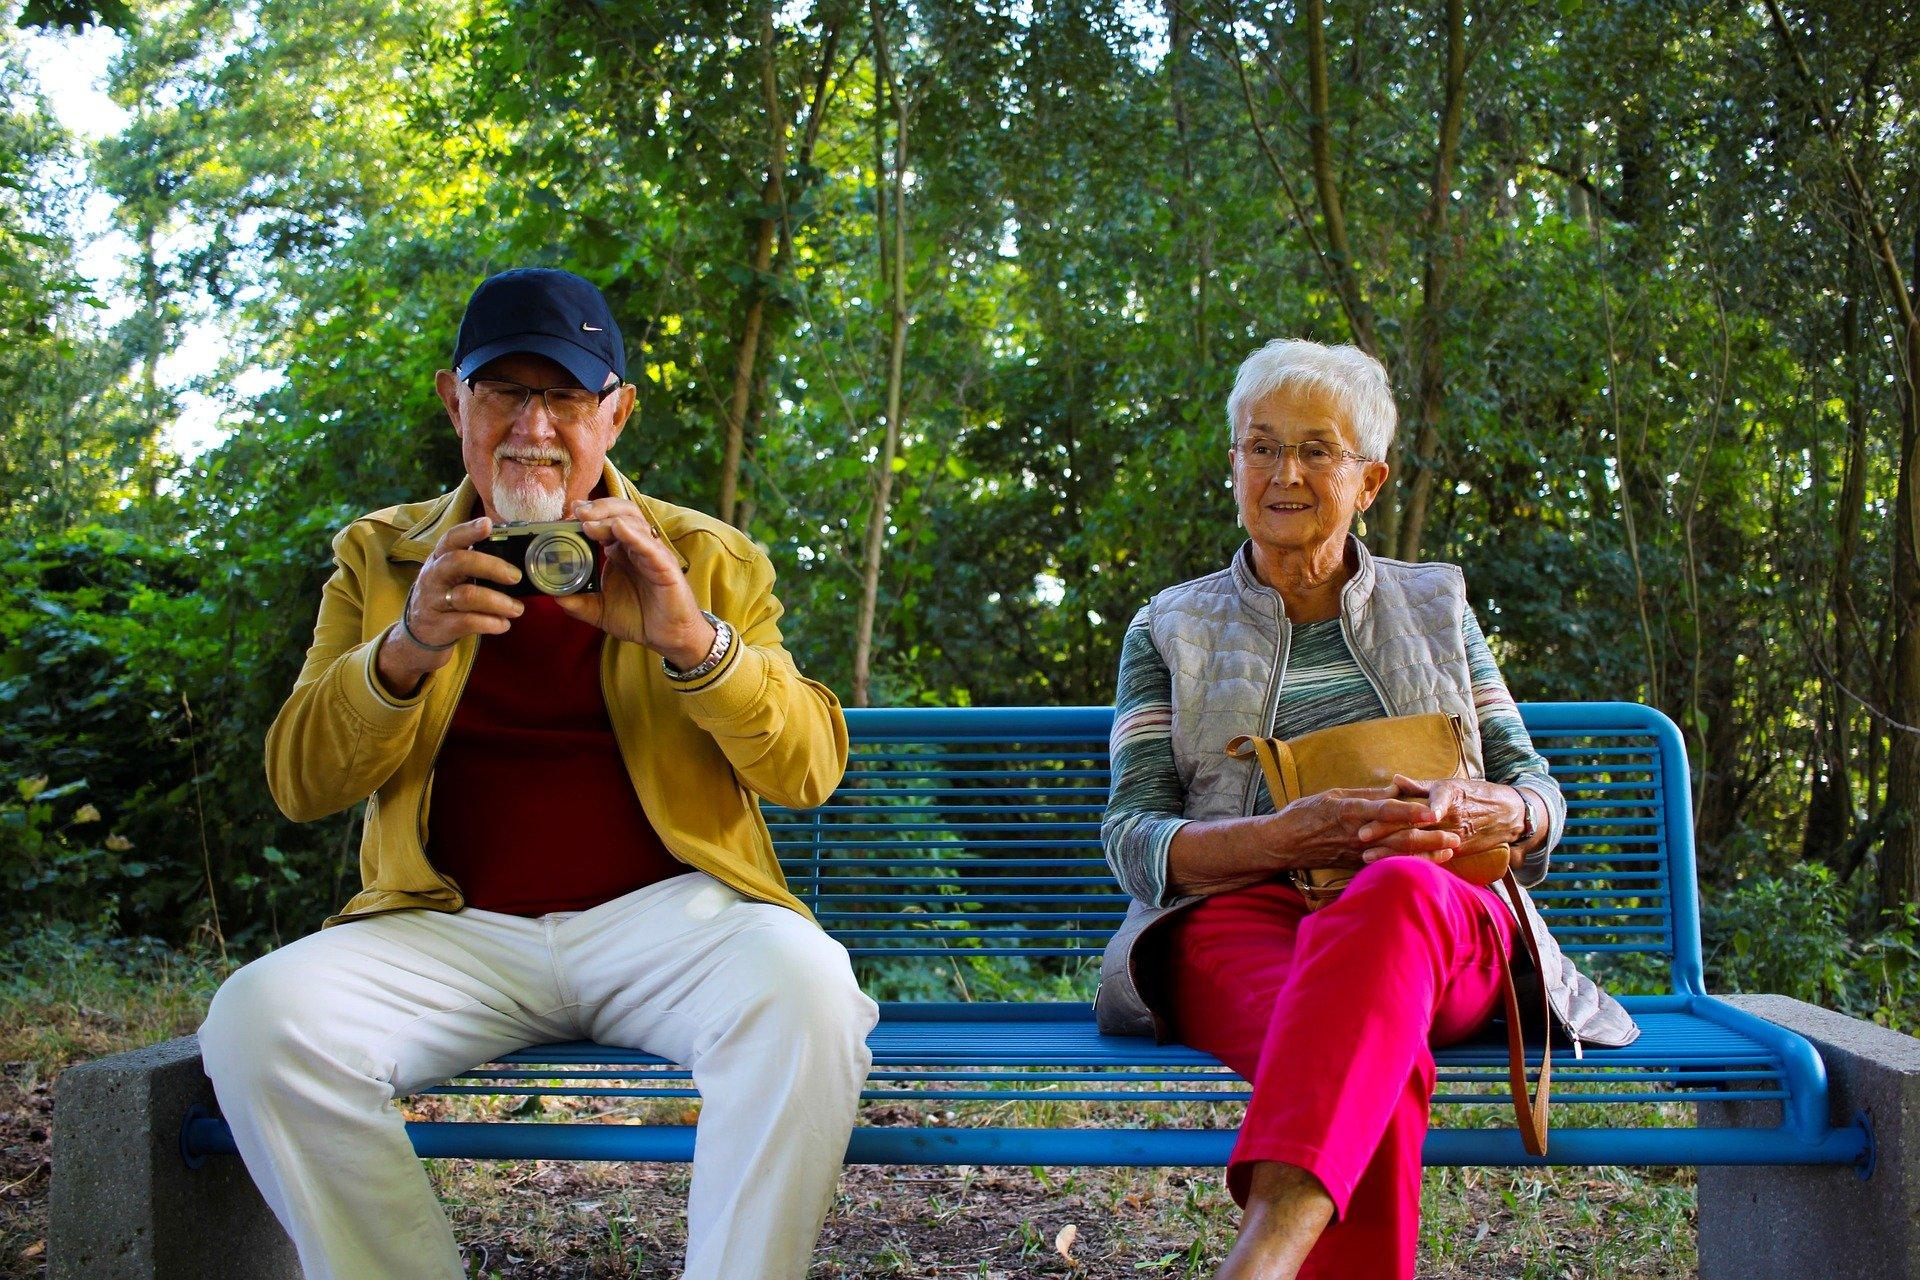 450 tys. zł dla stowarzyszenia na działania dla seniorów - Zdjęcie główne